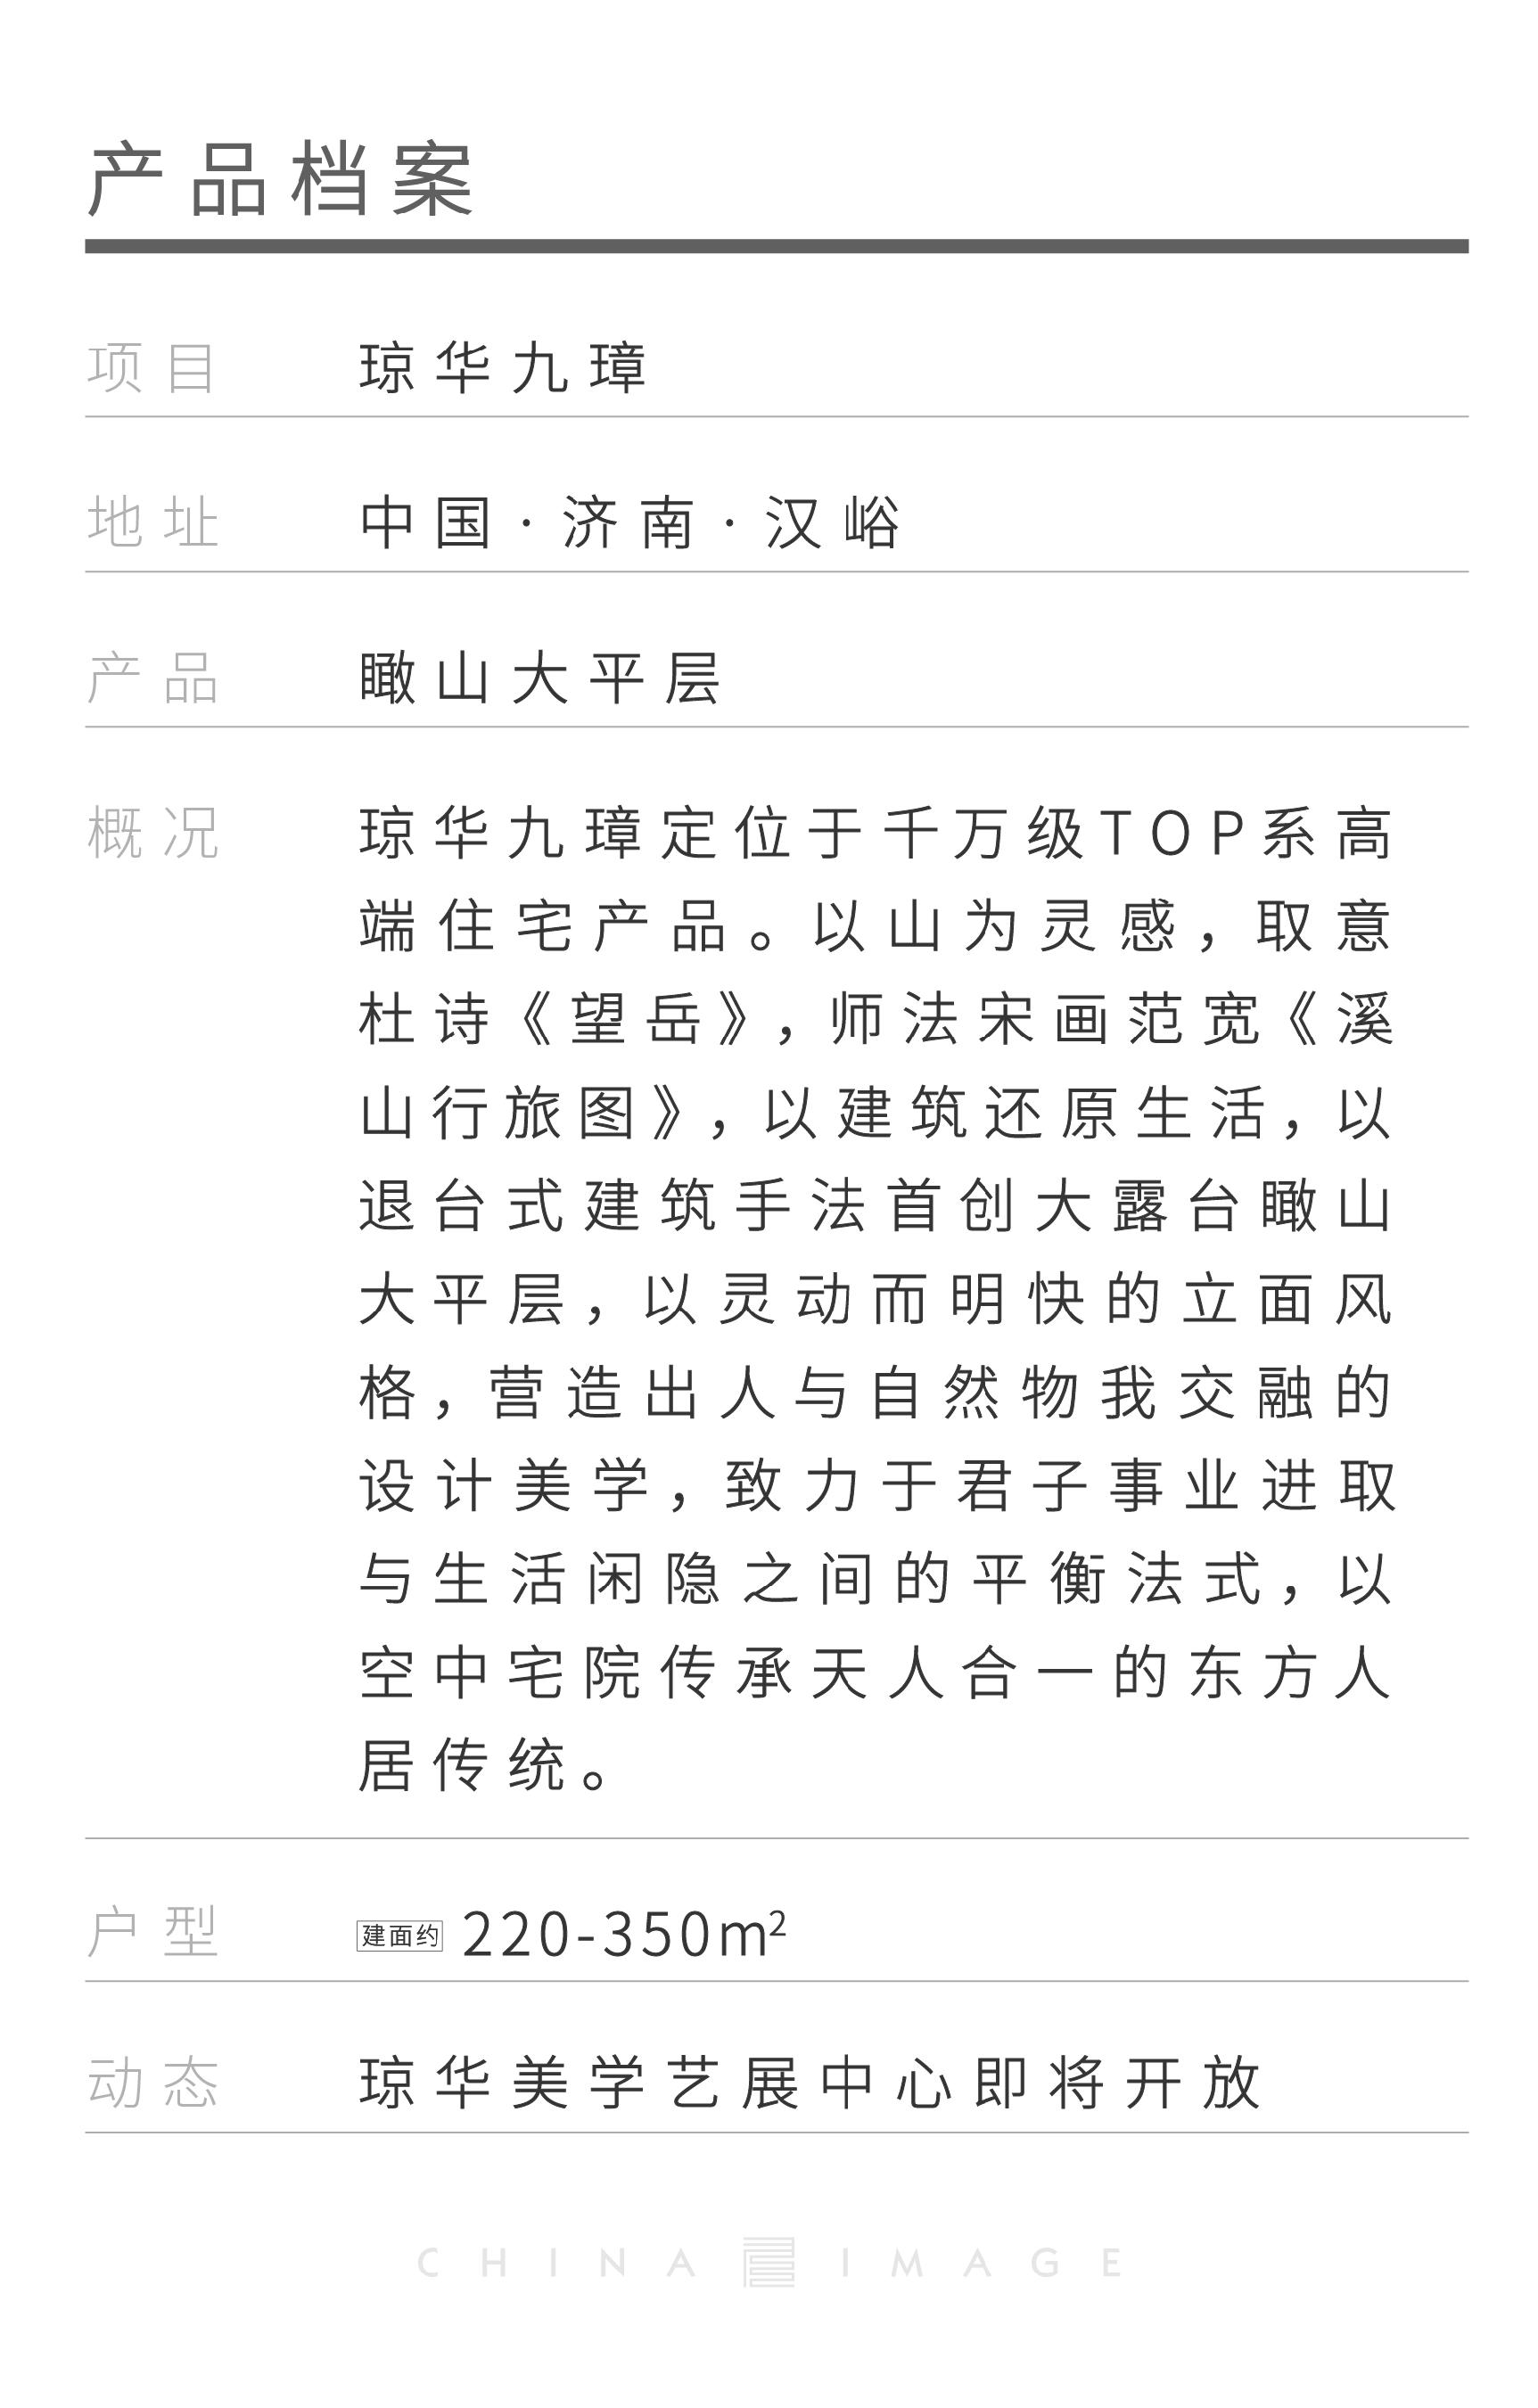 琼华九璋丨时代的印记——国际名家版画艺术展在济开幕-中国网地产